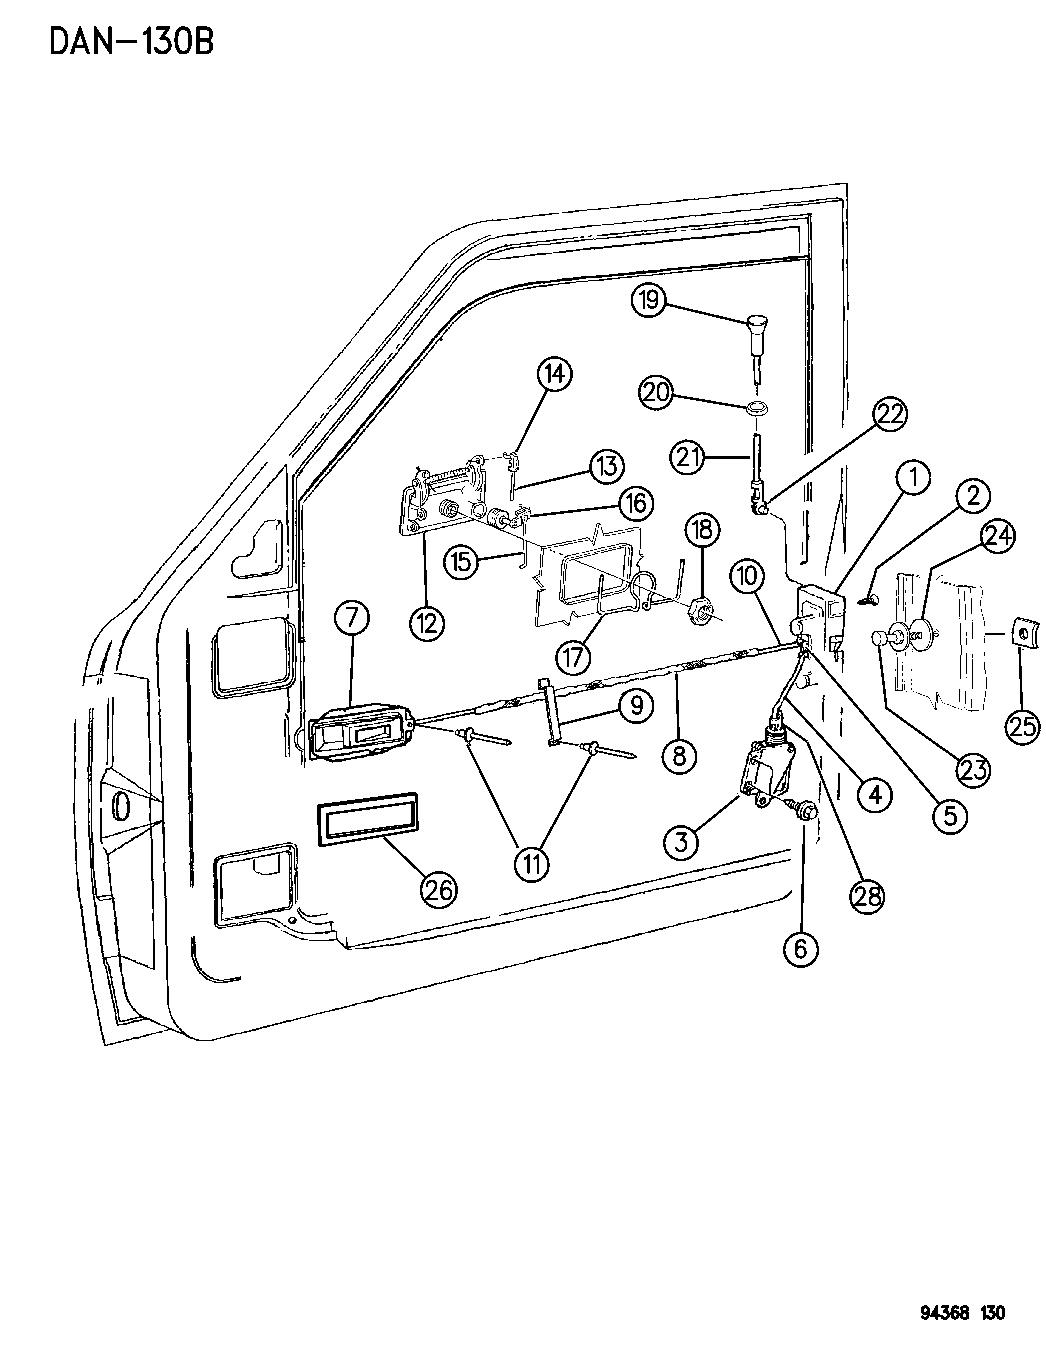 1996 dodge dakota door, front lock & controls